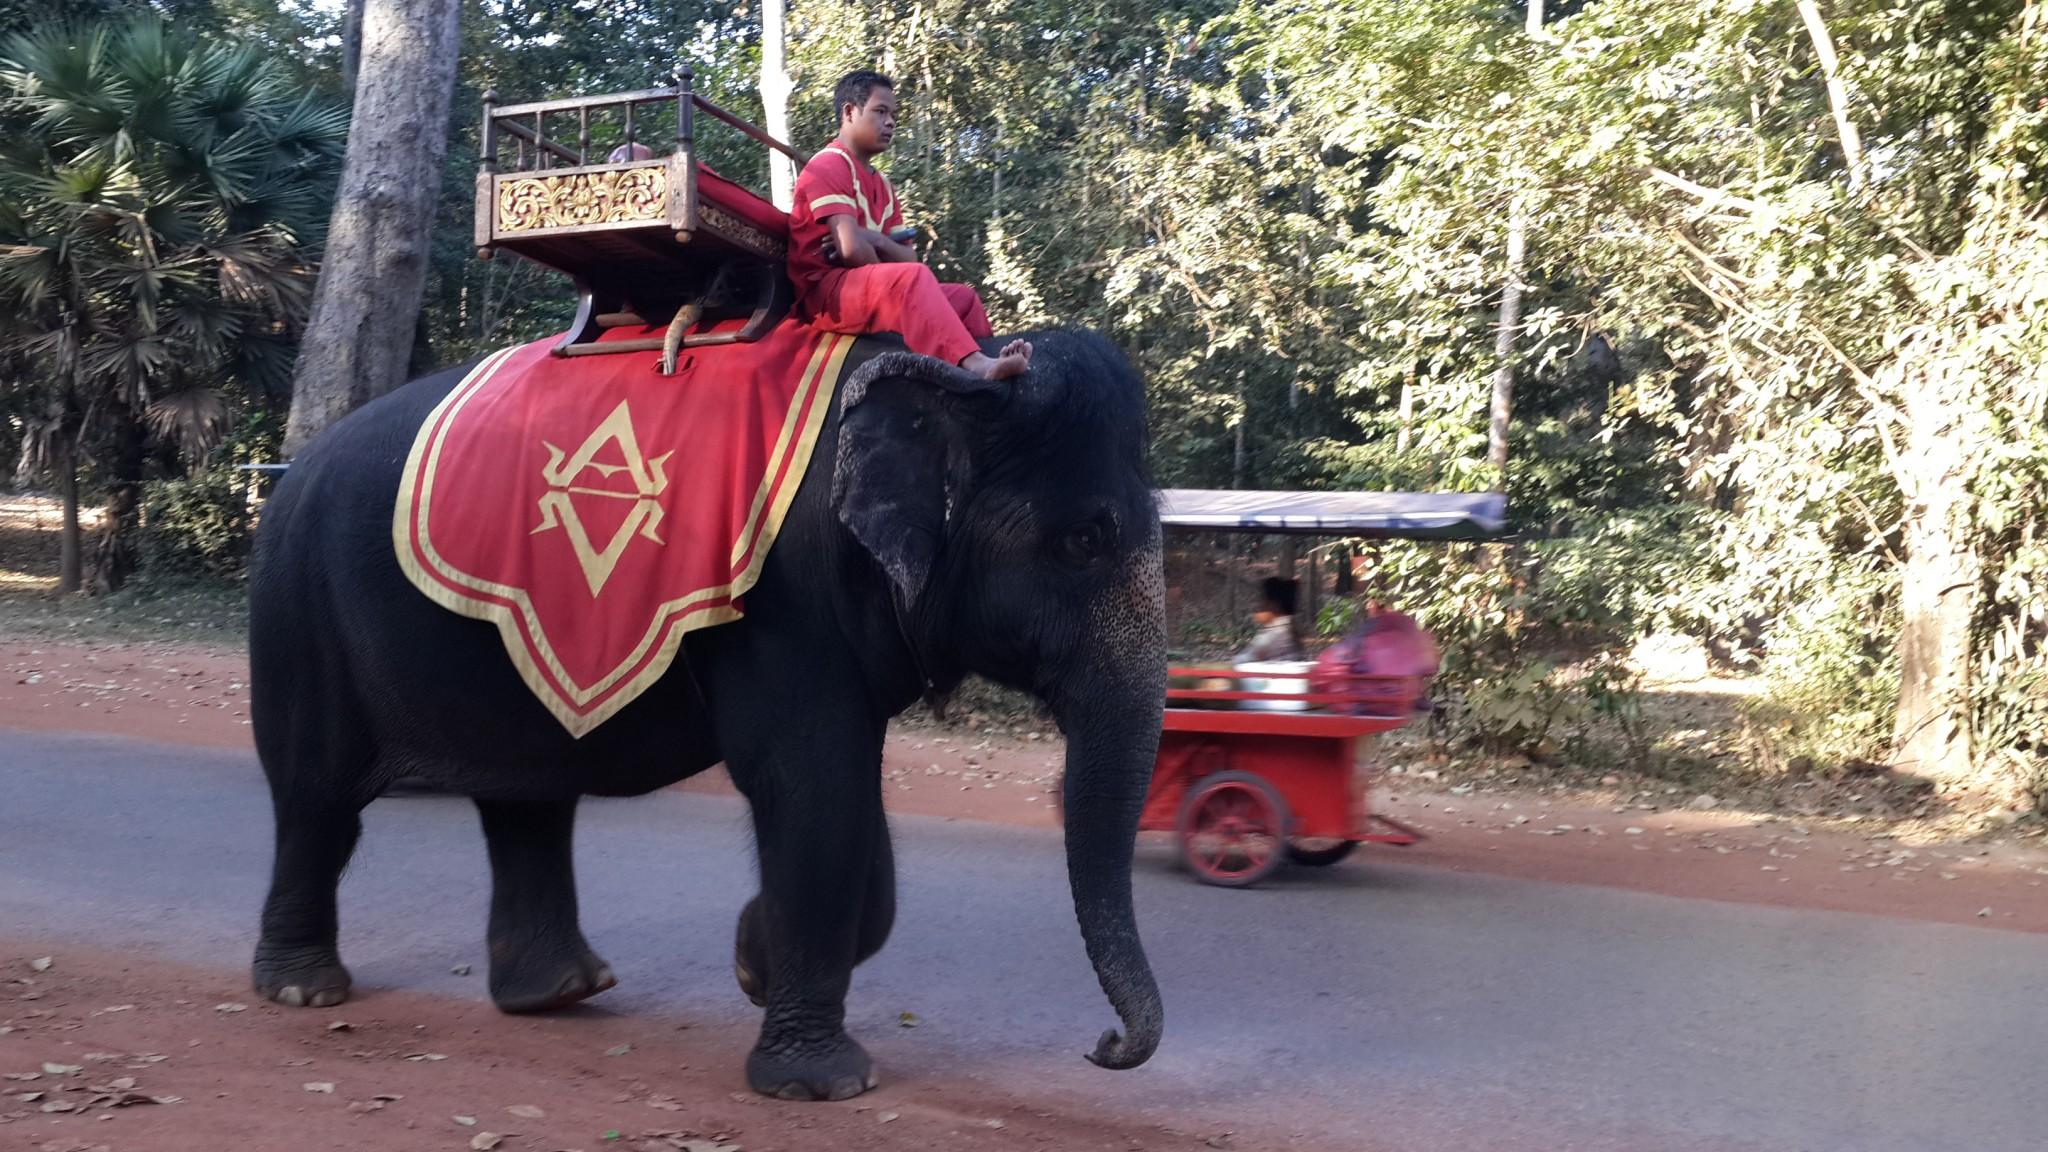 Elephant taxi at Angkor Wat.